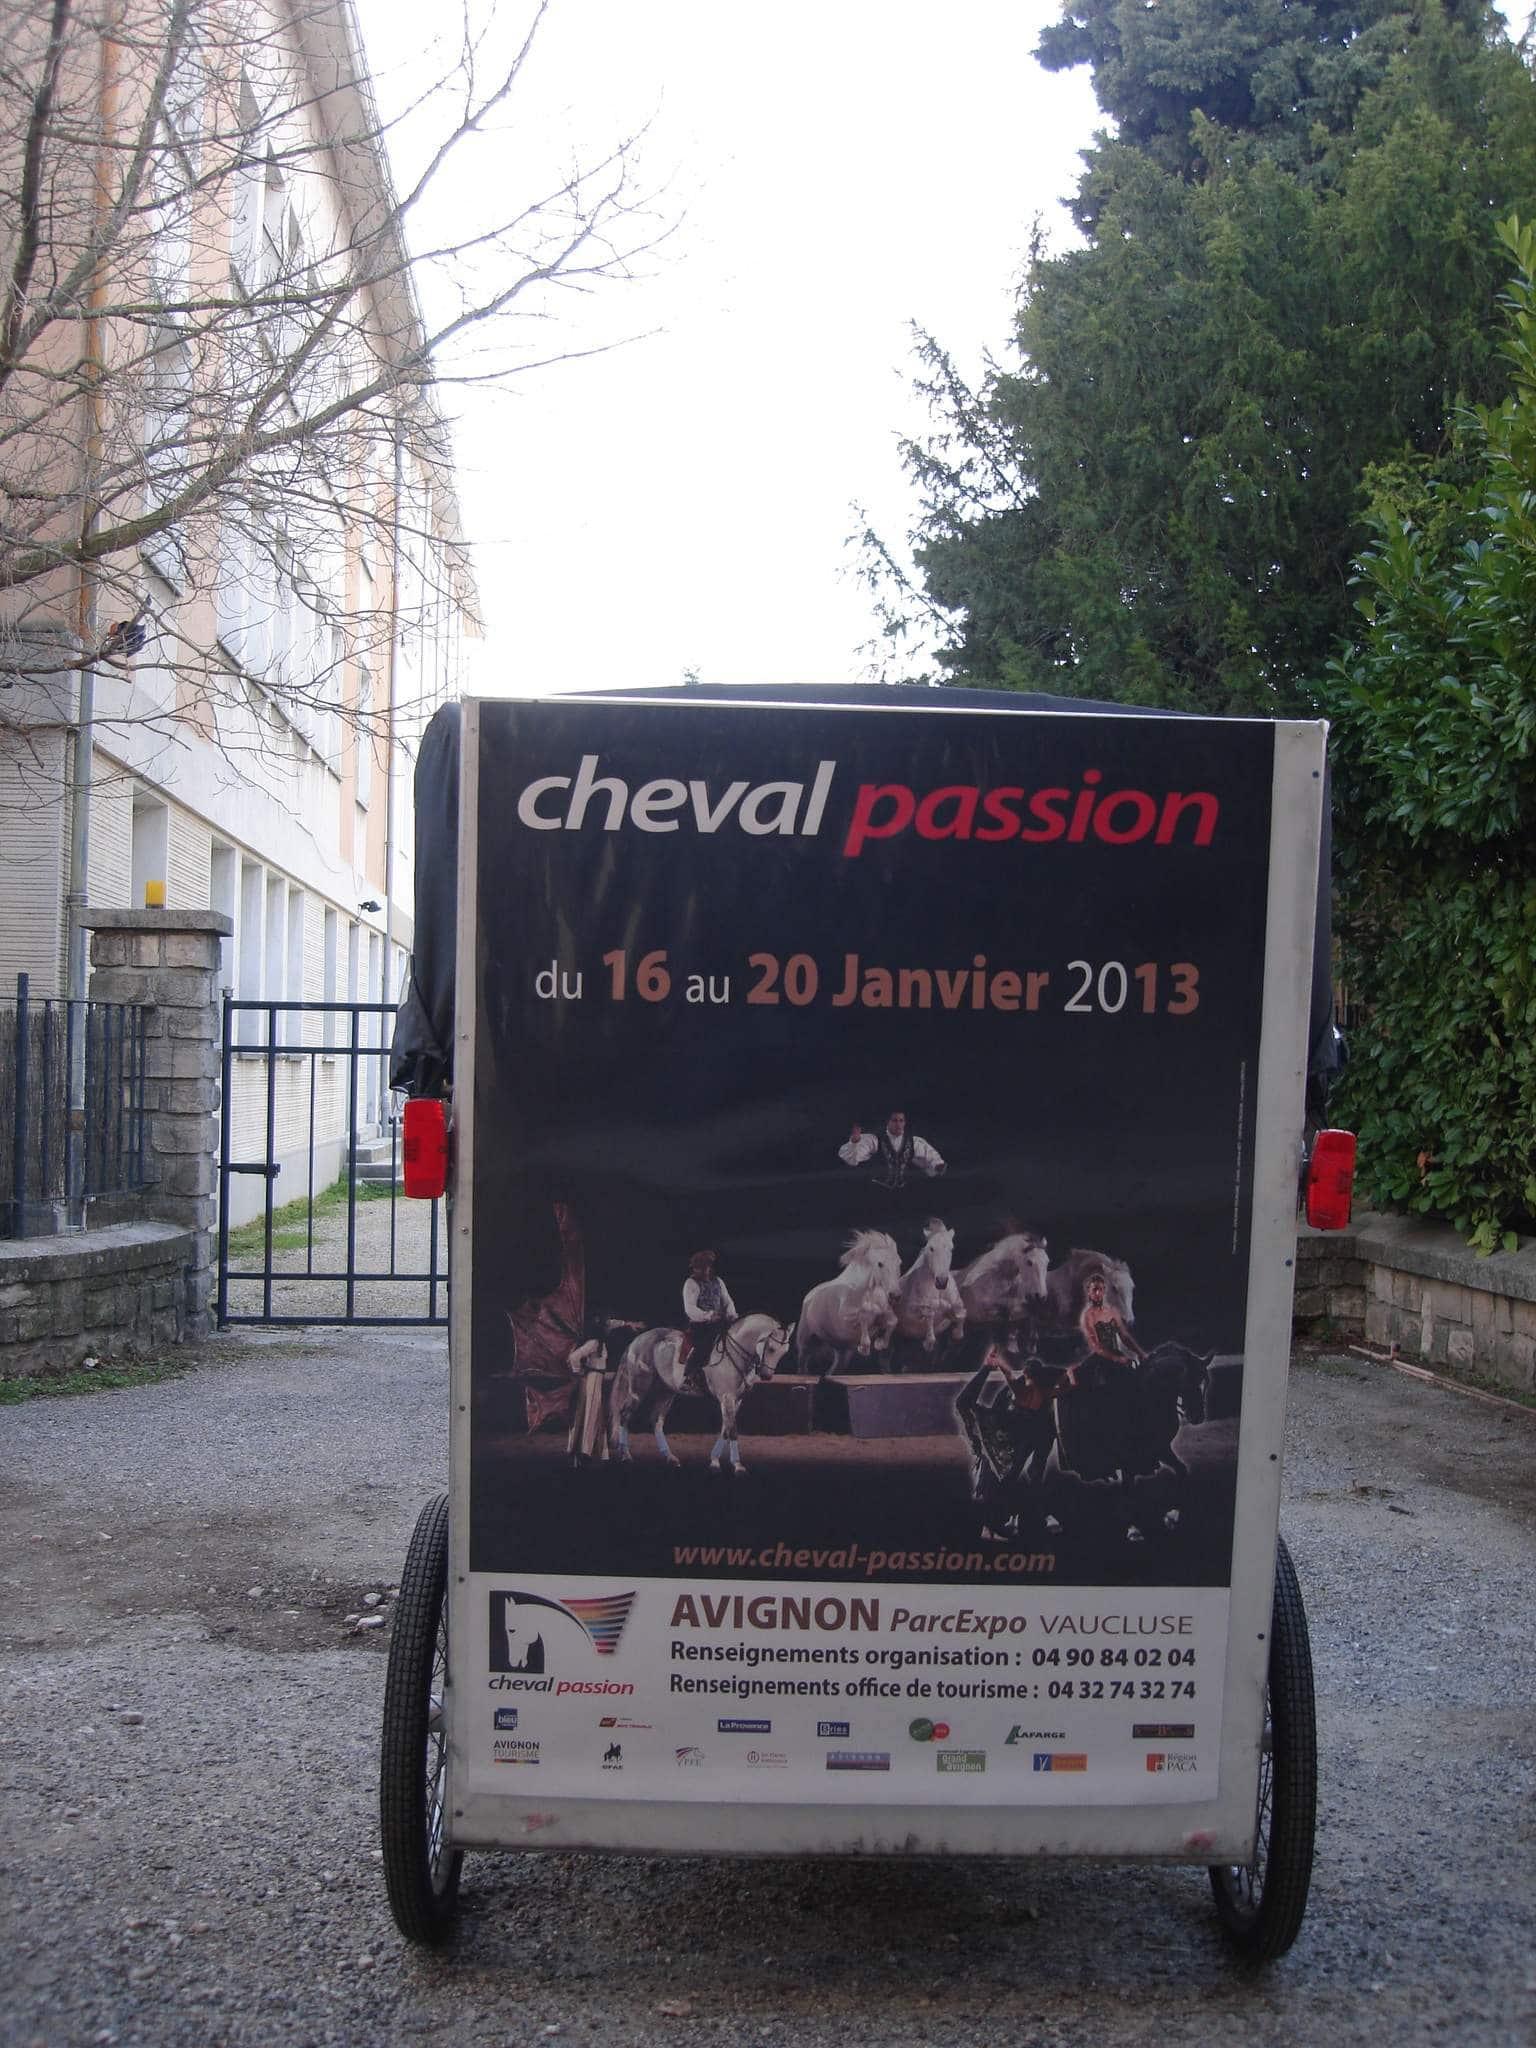 Cheval Passion  au parc des expositions d'Avignon du 16 au 20 Janvier 2013